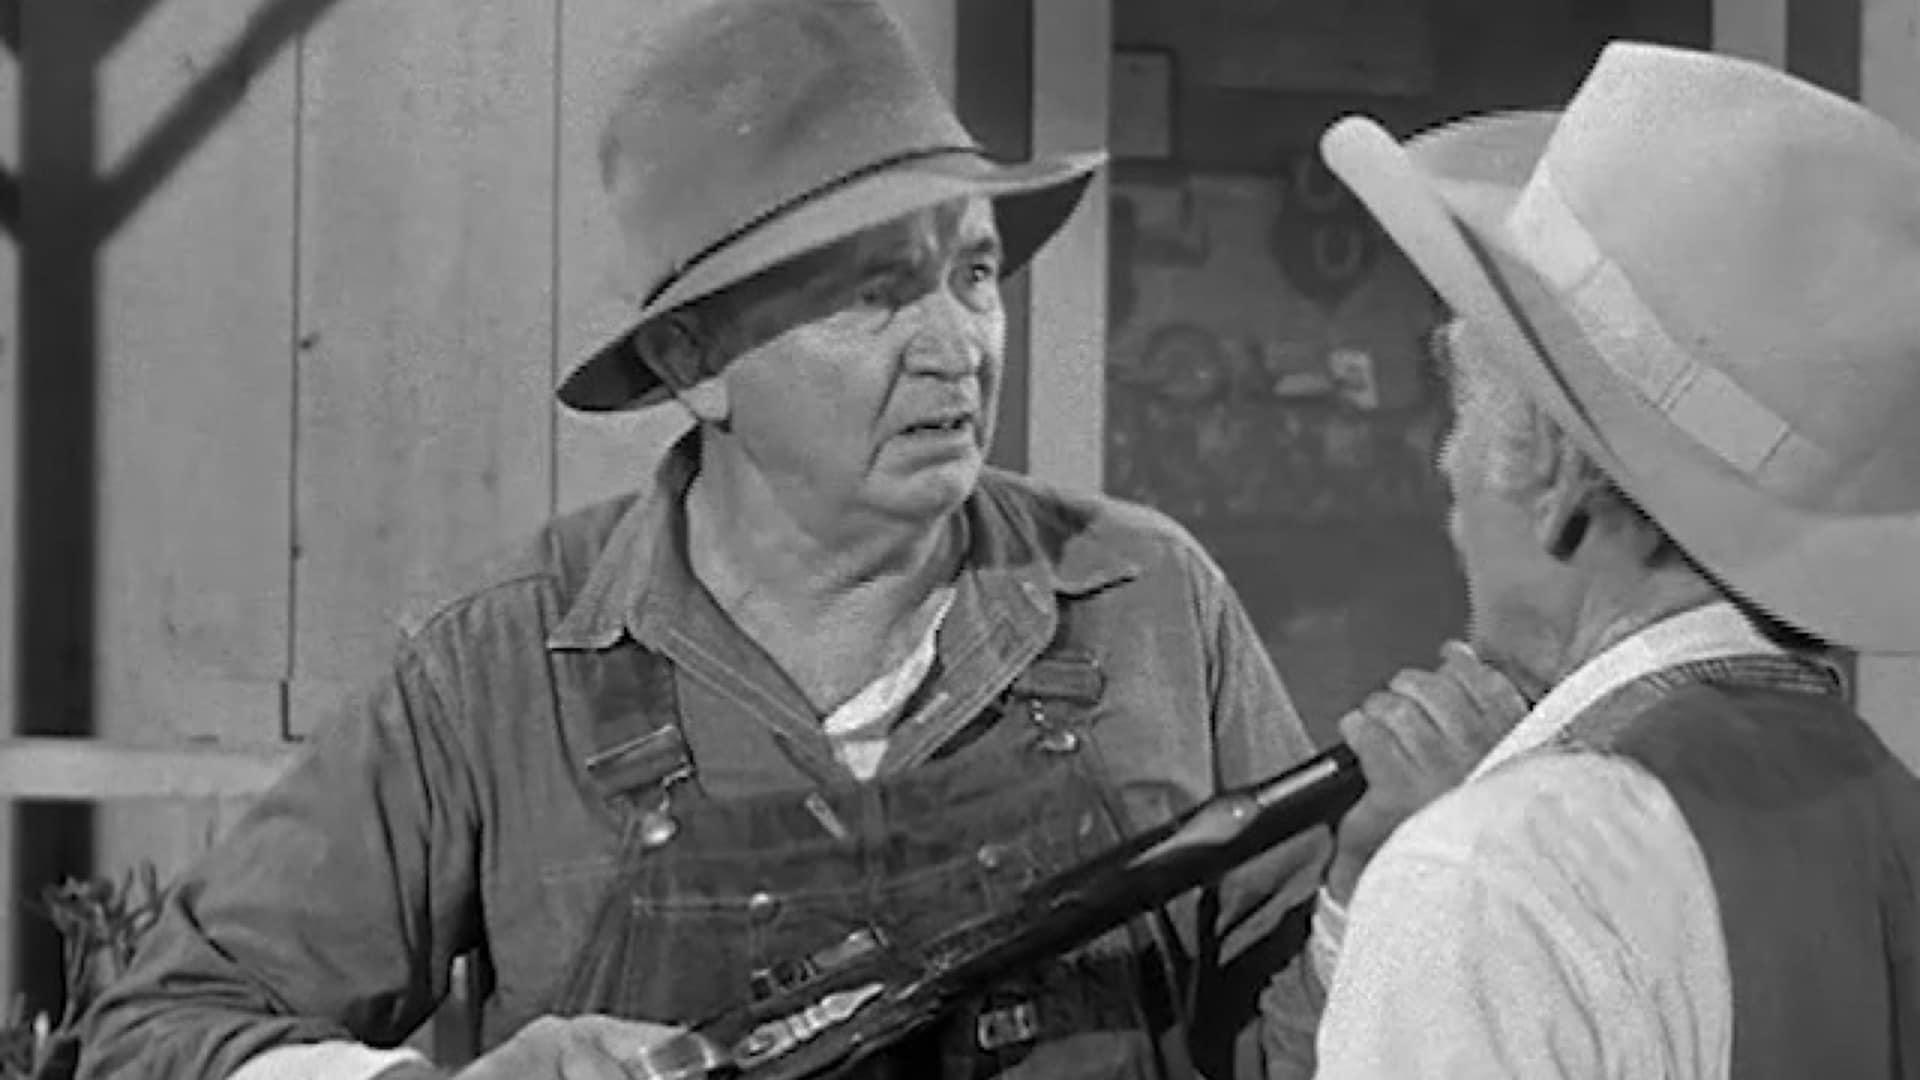 Grampa Sells His Gun